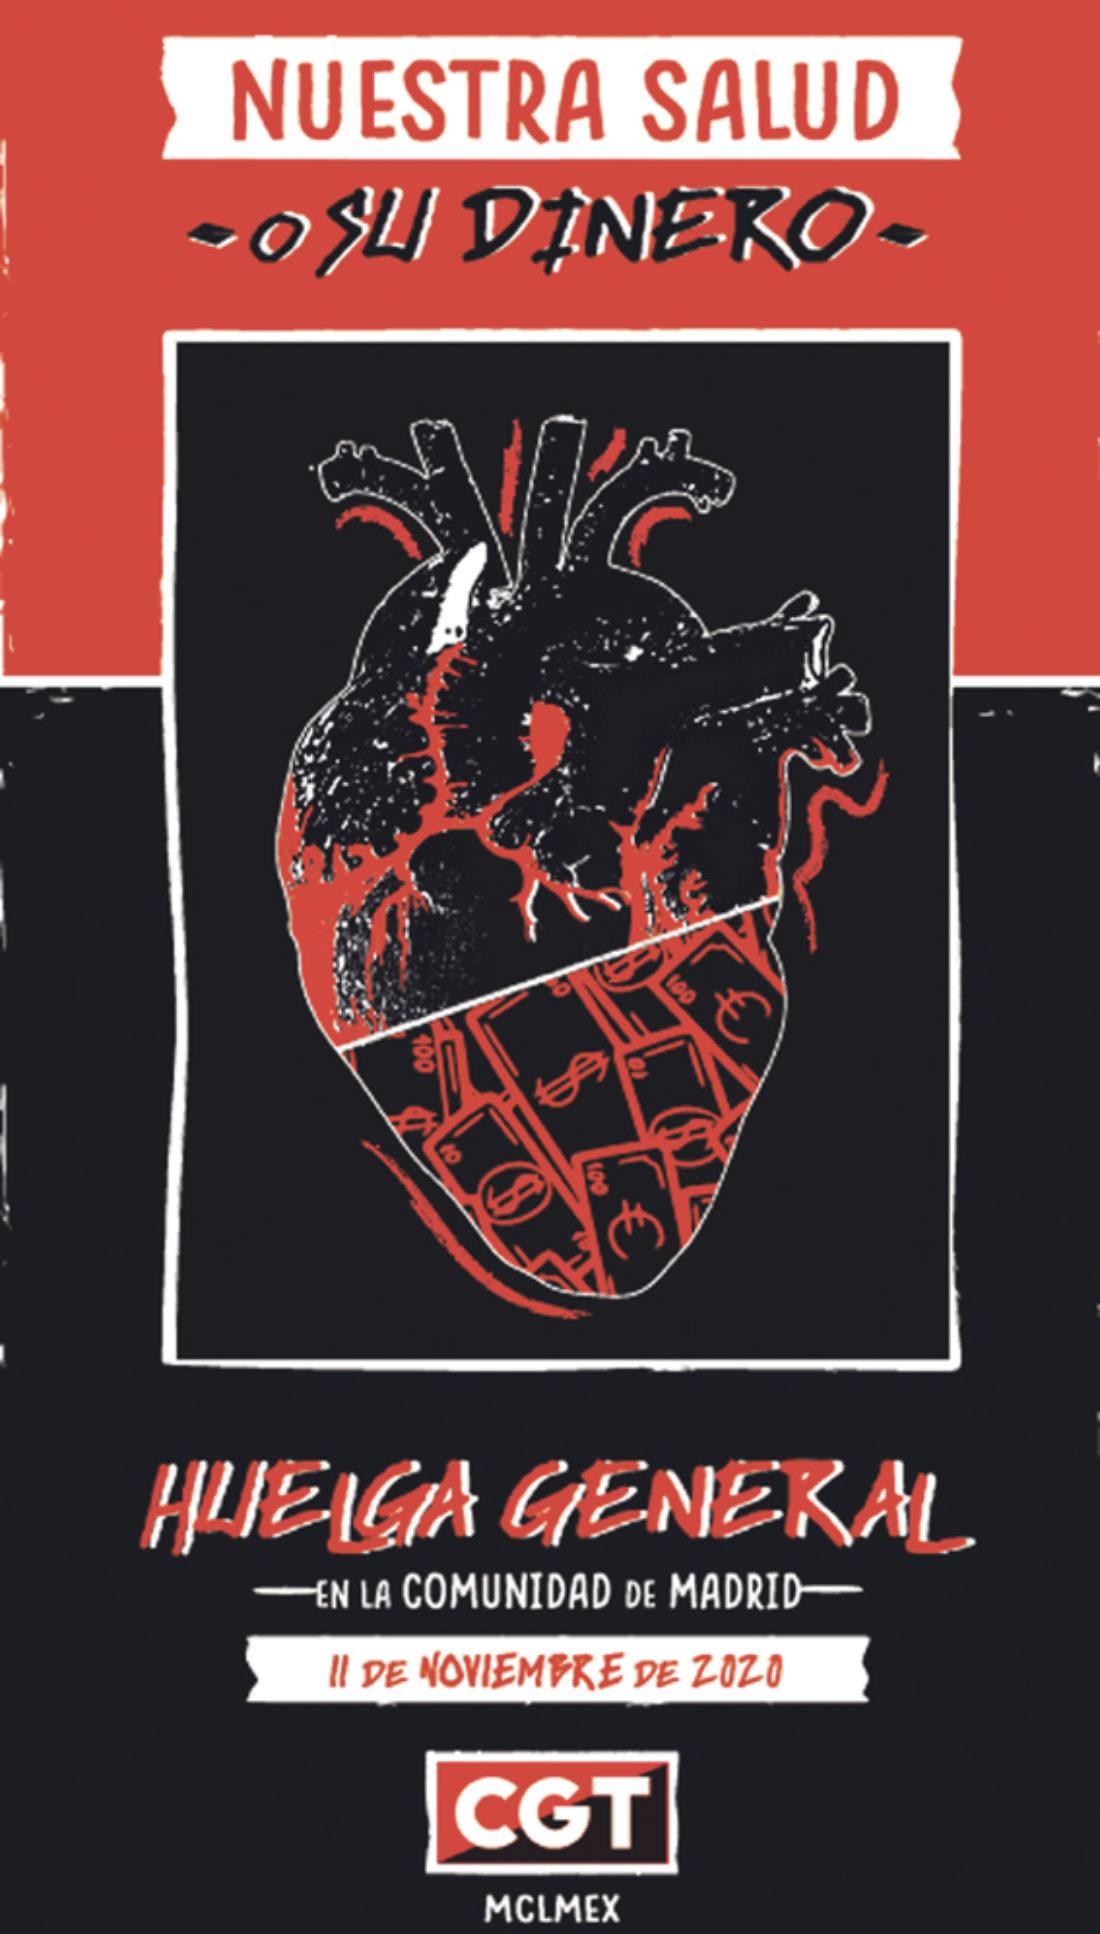 Colectivos sociales y organizaciones sindicales exponen las razones para ir a la Huelga General este 11 de noviembre en Madrid